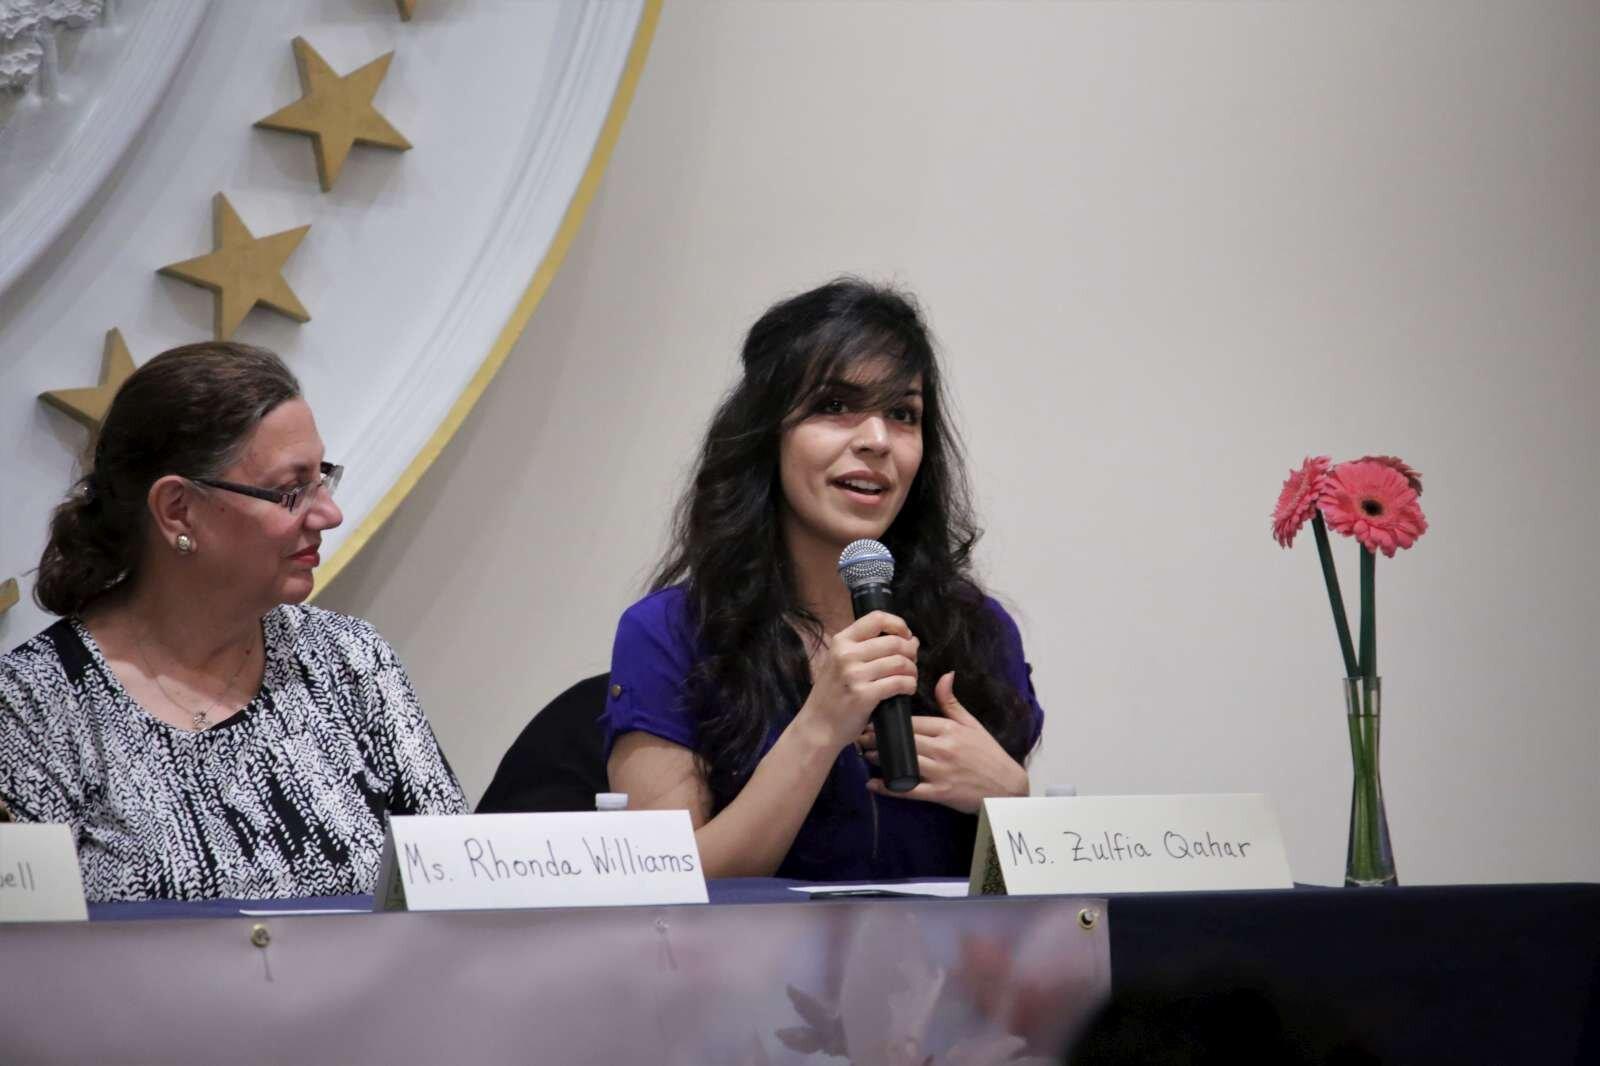 Zulfia Qahar